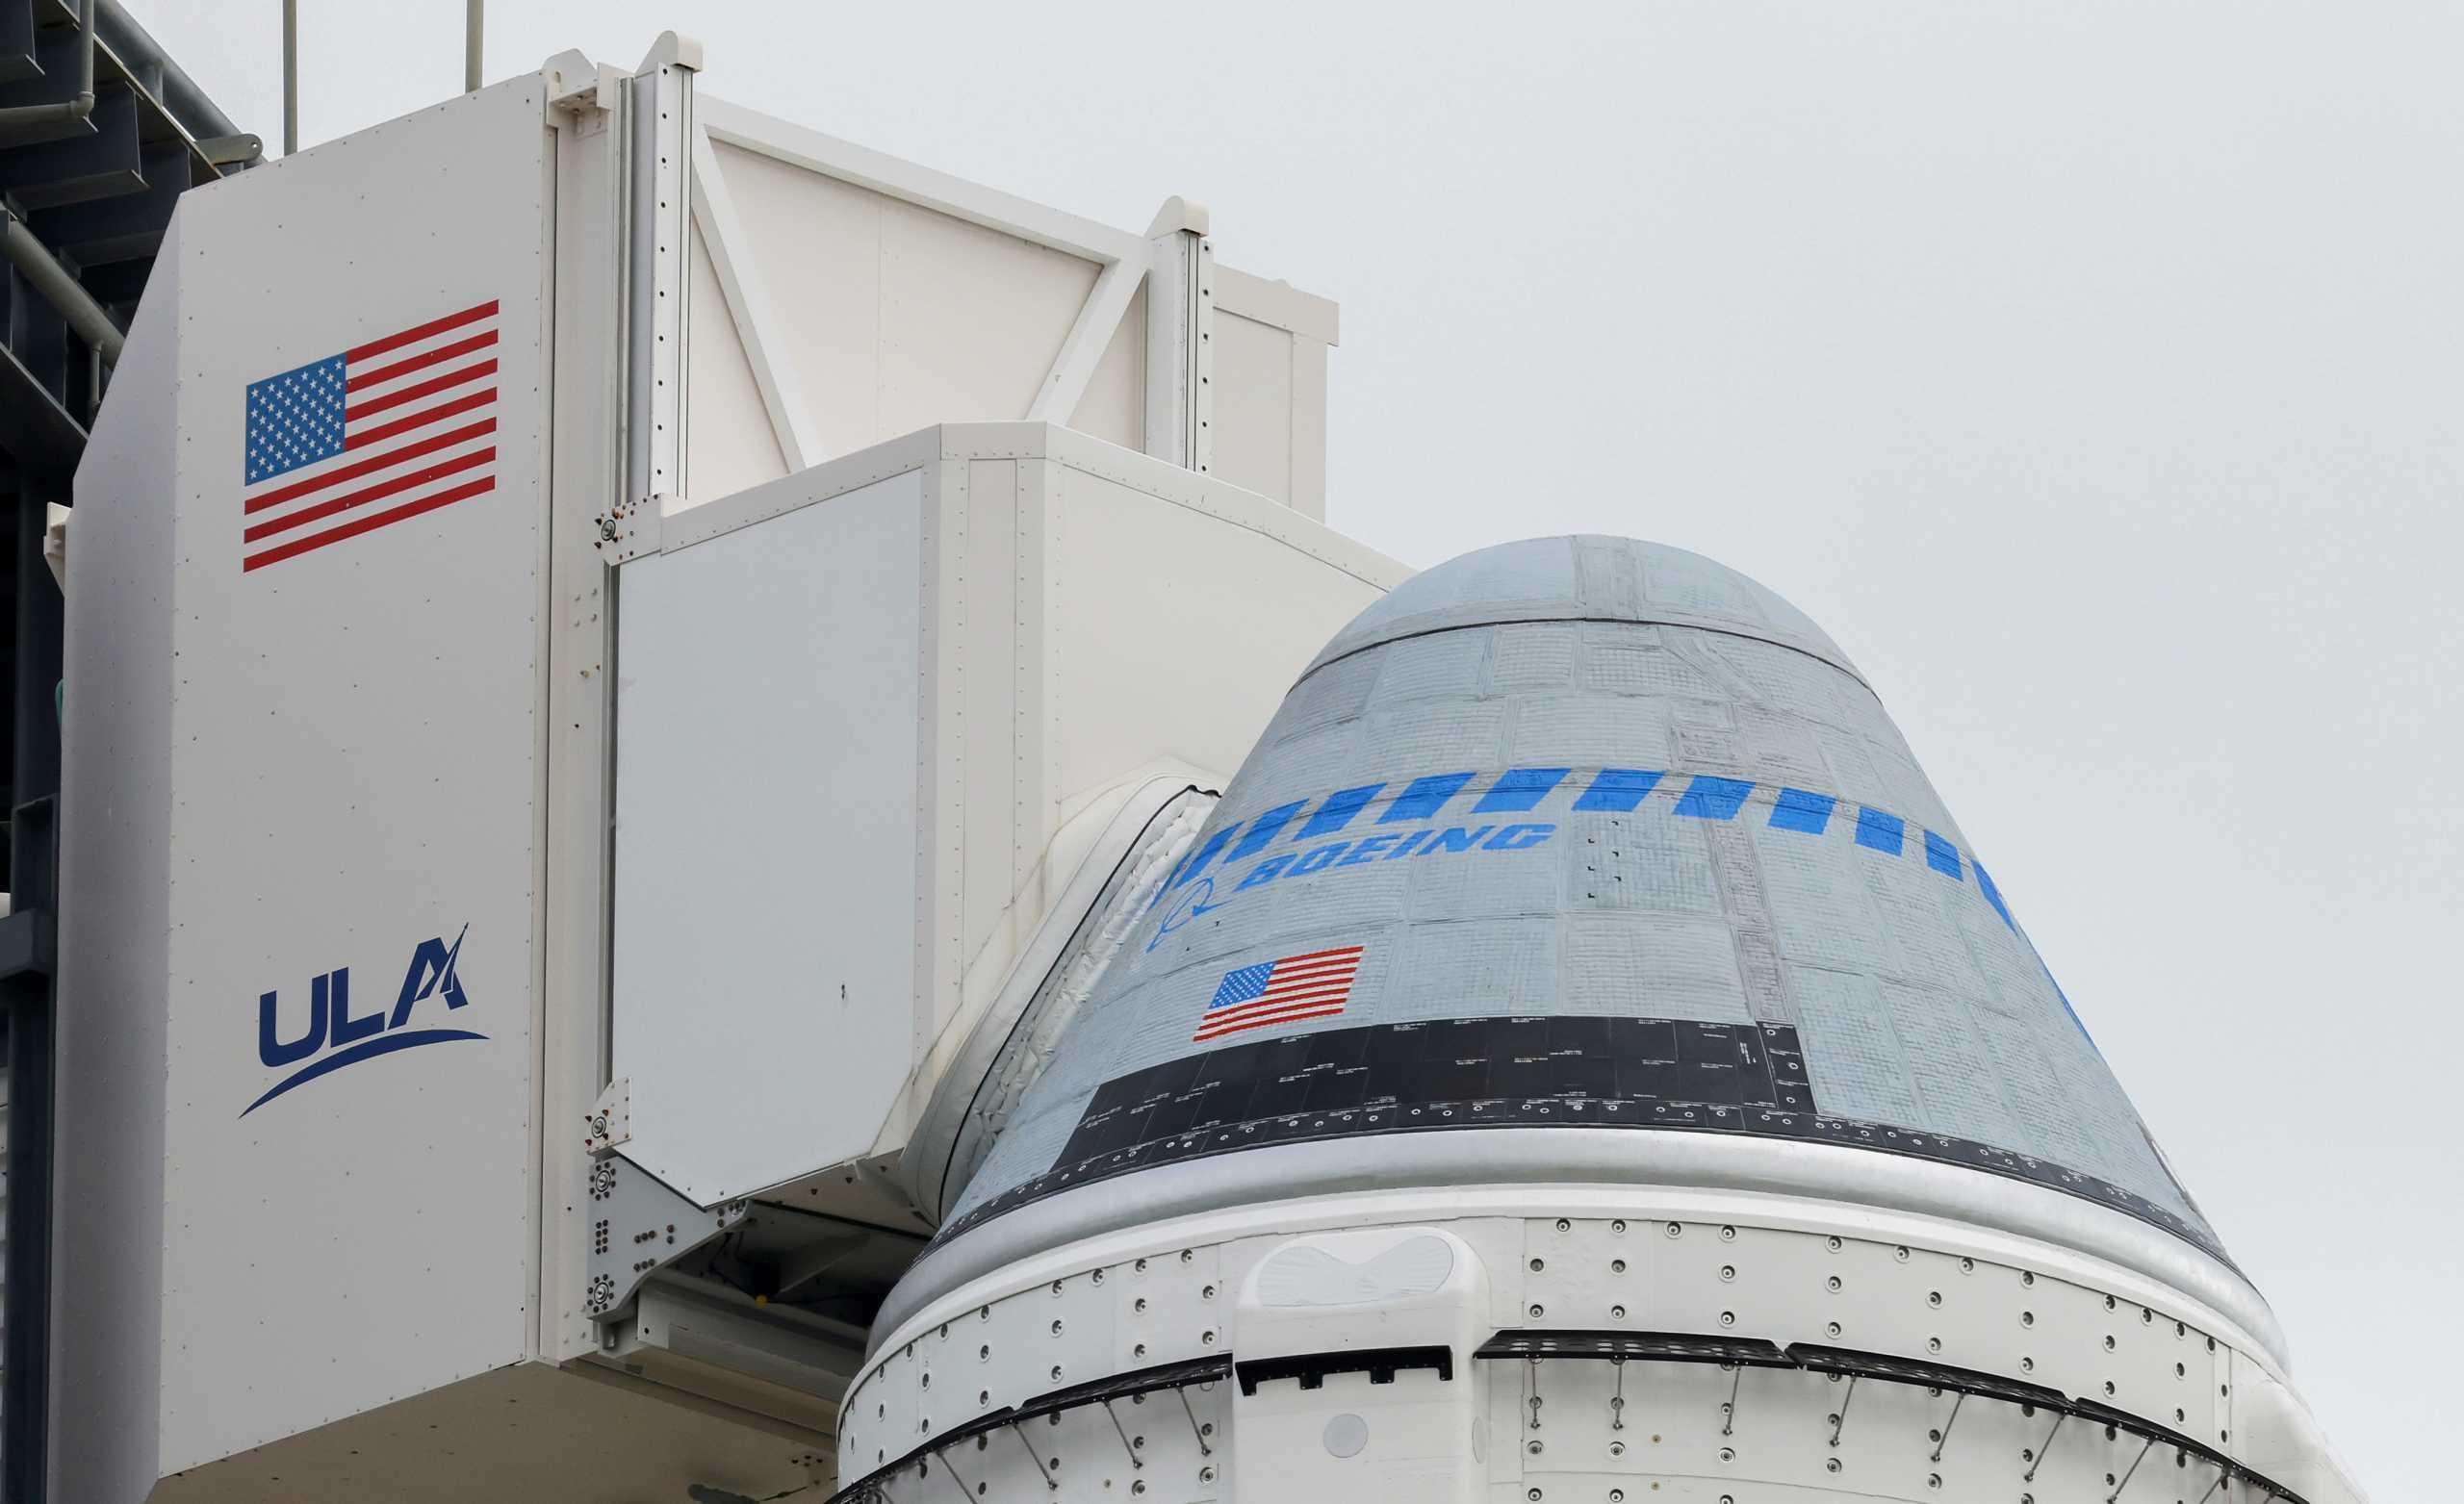 Η διαστημική κάψουλα Starliner της Boeing μάλλον θα καθυστερήσει την εκτόξευσή της